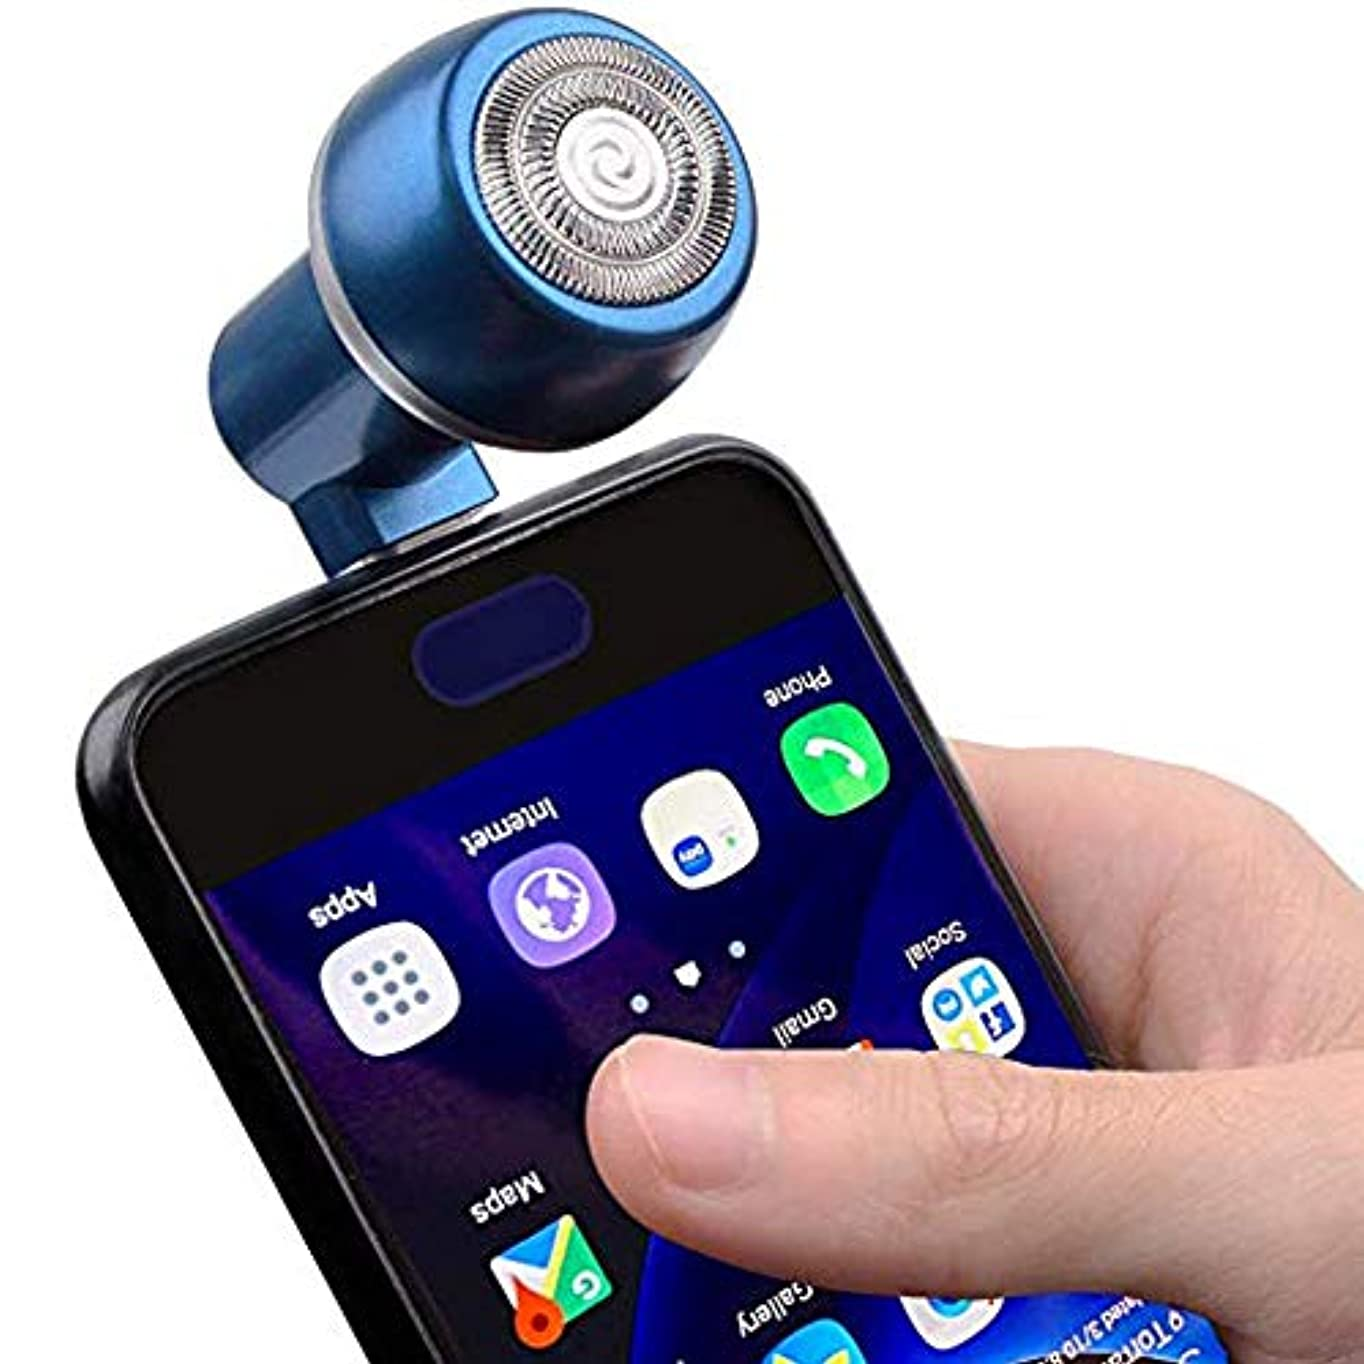 接触成功カートンiCaree 鉱石ブルーメンズ 電気 シェーバー 髭剃り 回転式 ミニ 電動ひげそり 携帯電話/USB充電式 持ち運び便利 ビジネス 海外通用Android携帯電話屋外ポータブルマイクロ